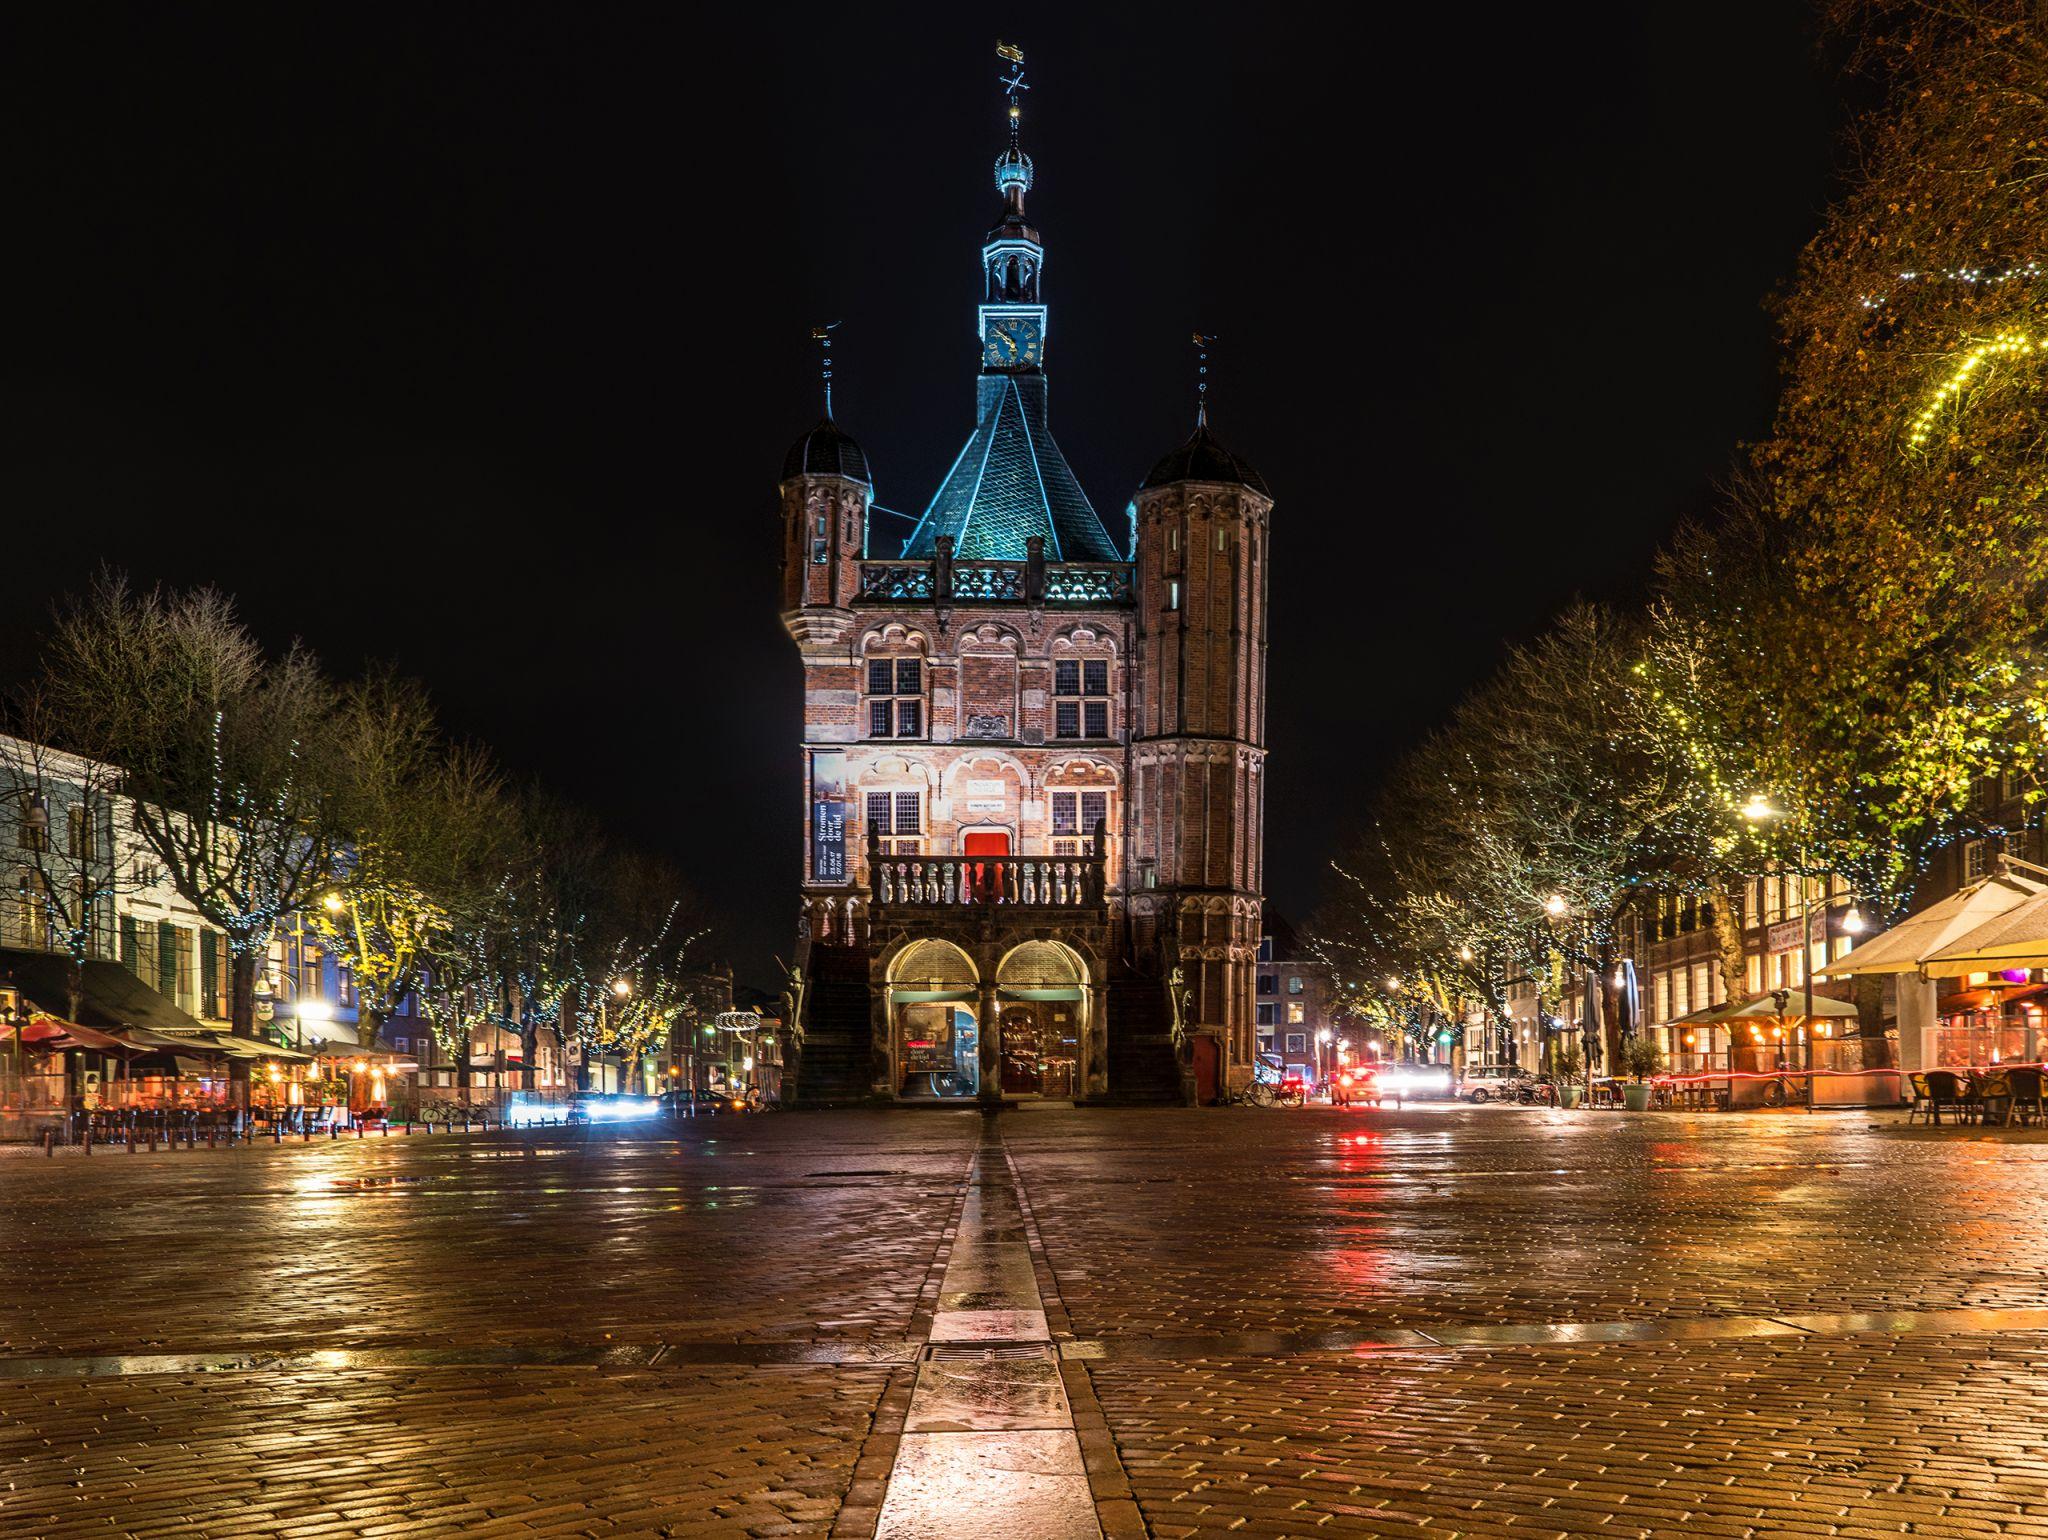 Old Town Hall De Waag in Deventer, Netherlands